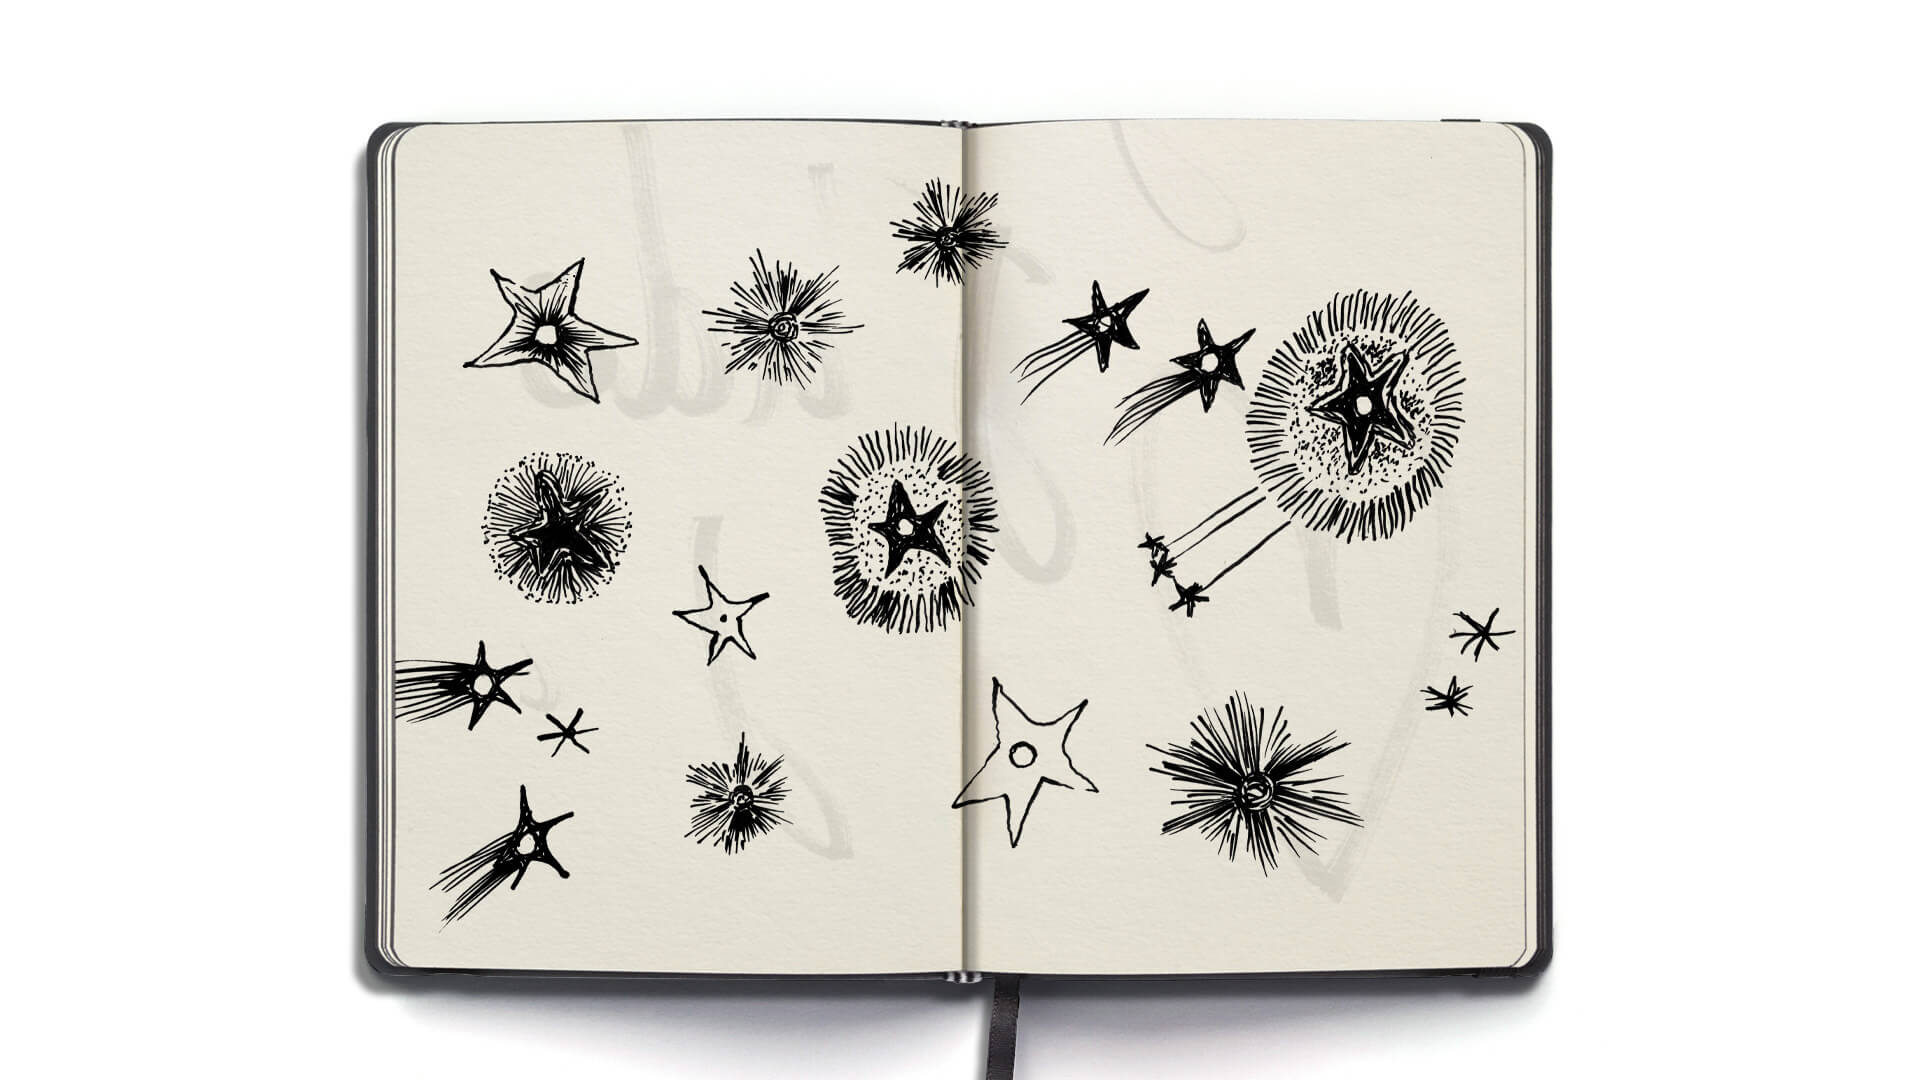 Illustration Jeu De Cartes Dior 3